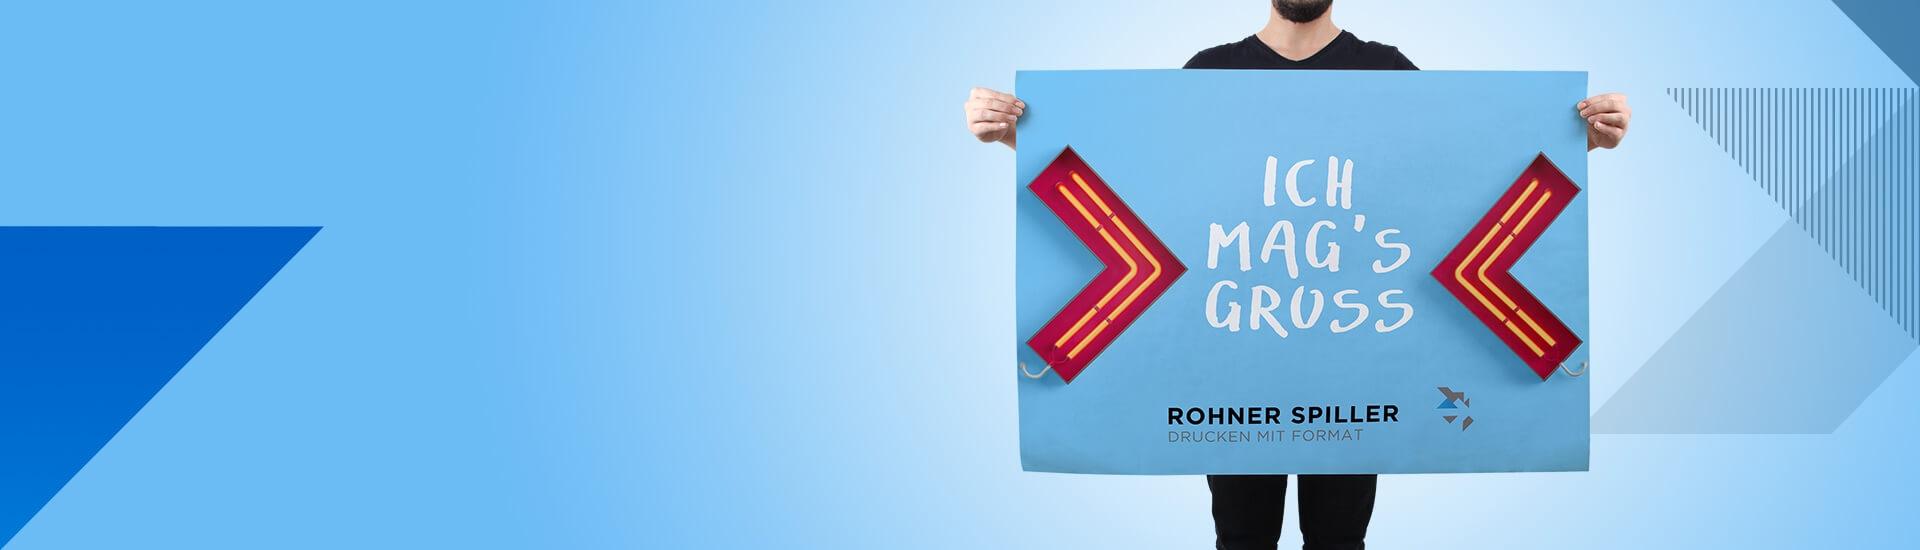 Plakate und Beschriftungen drucken bei Rohner Spiller AG